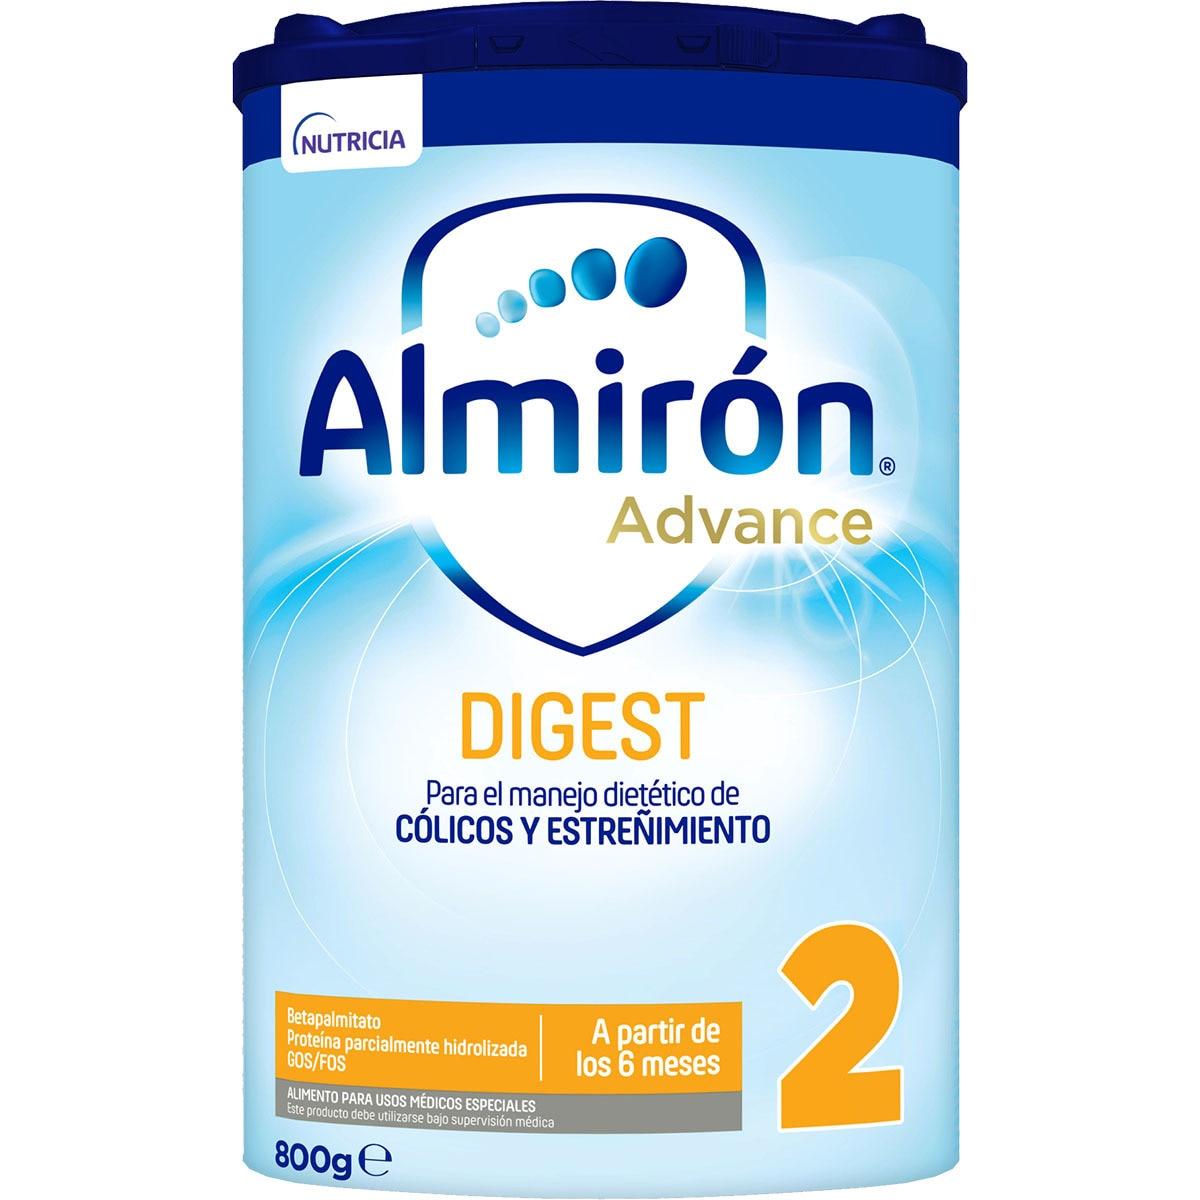 ALMIRON Advance Digest 2 leche de fórmula anti-cólico y anti-estreñimiento en polvo 800 g desde los 6 meses